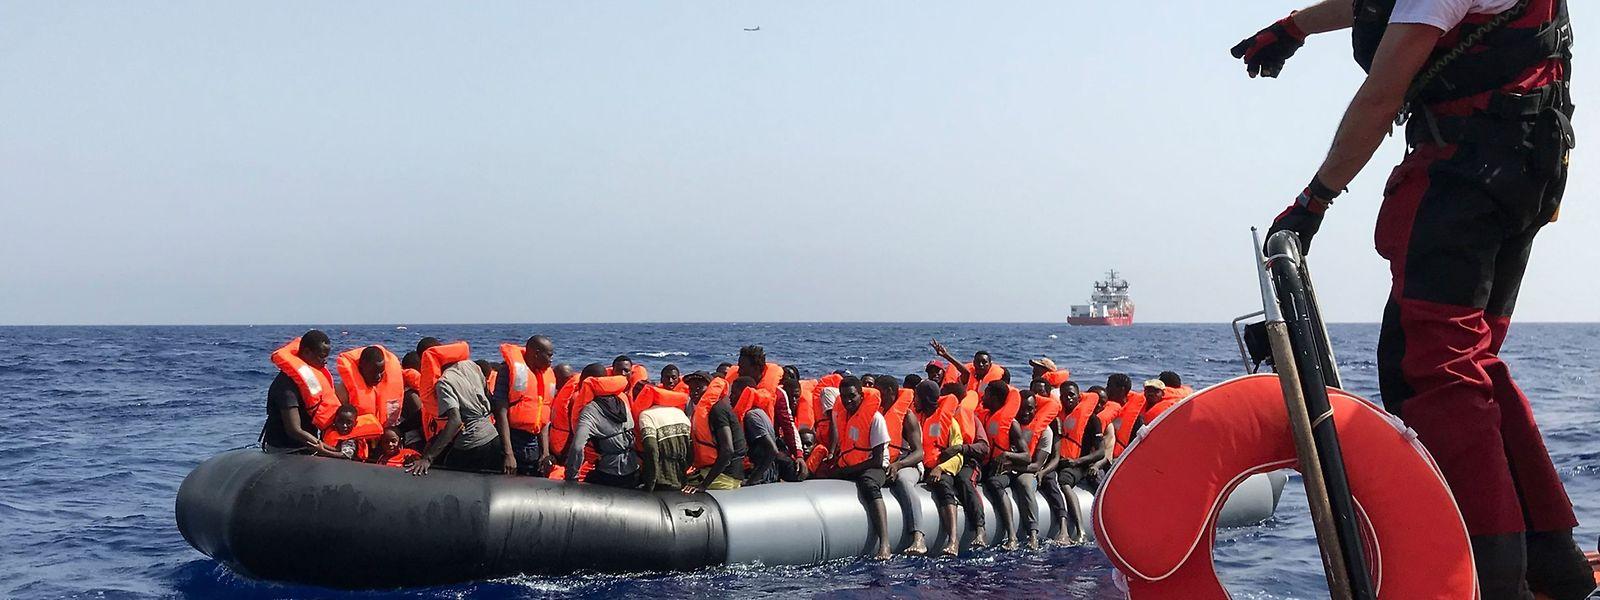 2018 sind insgesamt 2.277 Menschen bei der Flucht über das Mittelmeer ertrunken, so die Zahlen des UNHCR. Bis Anfang August 2019 waren es 840.